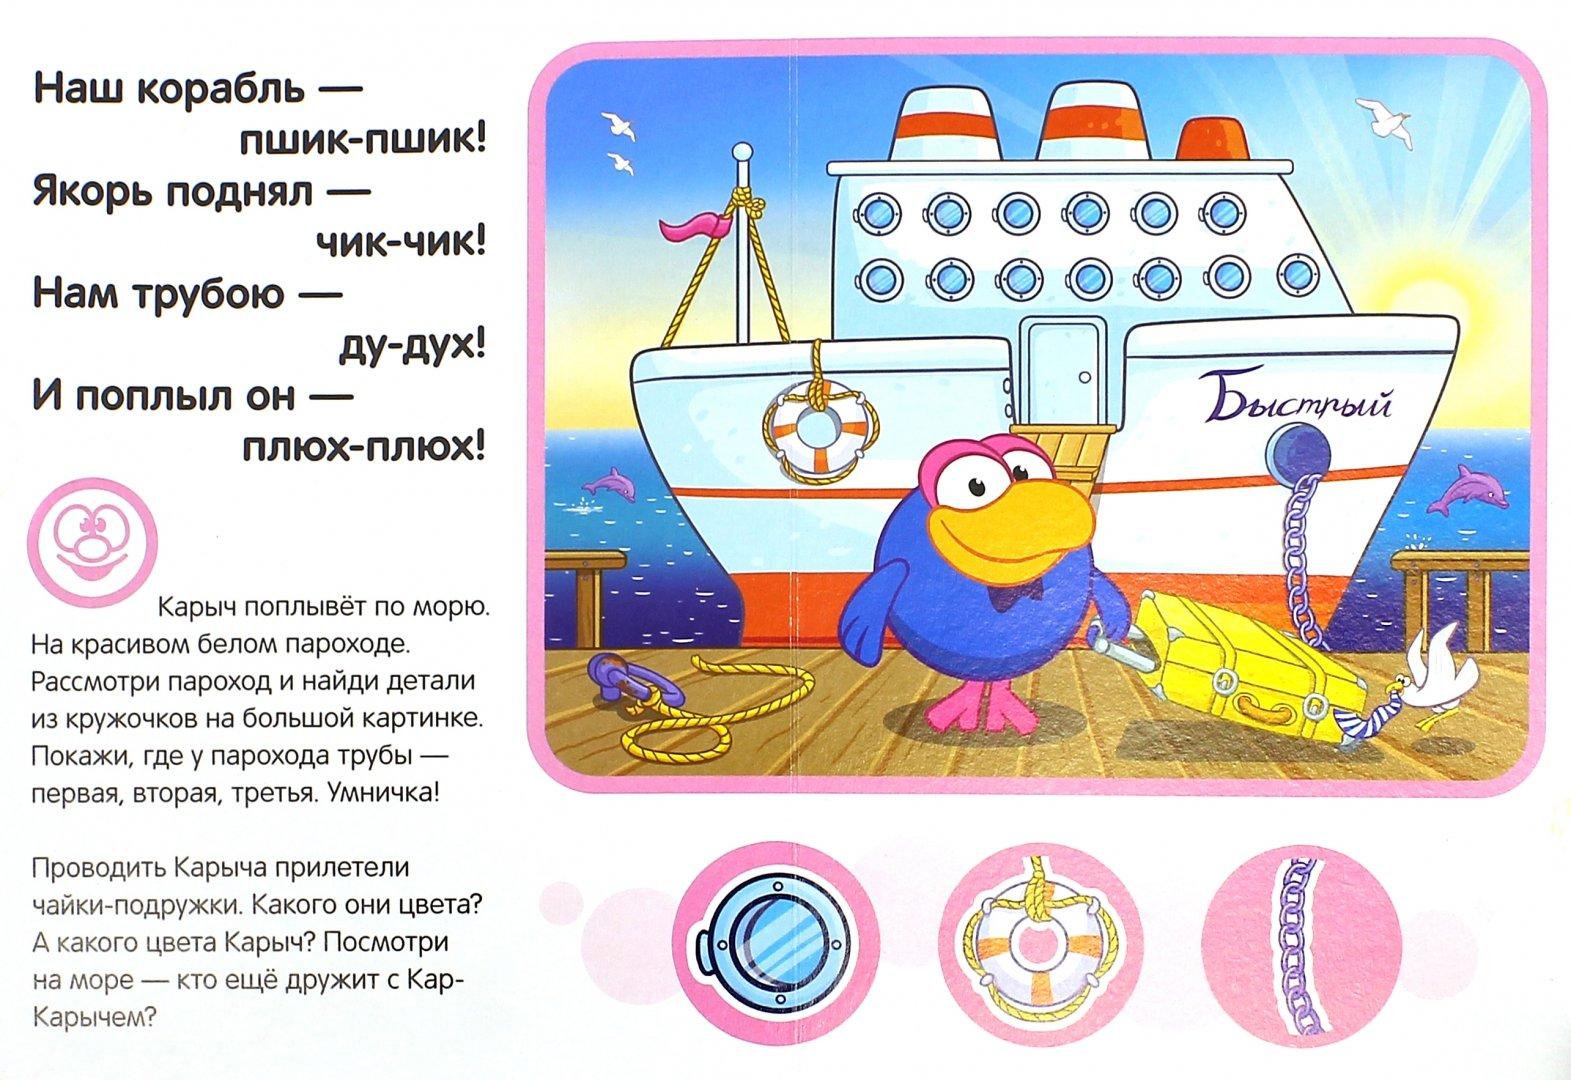 картинка смешарики на корабле